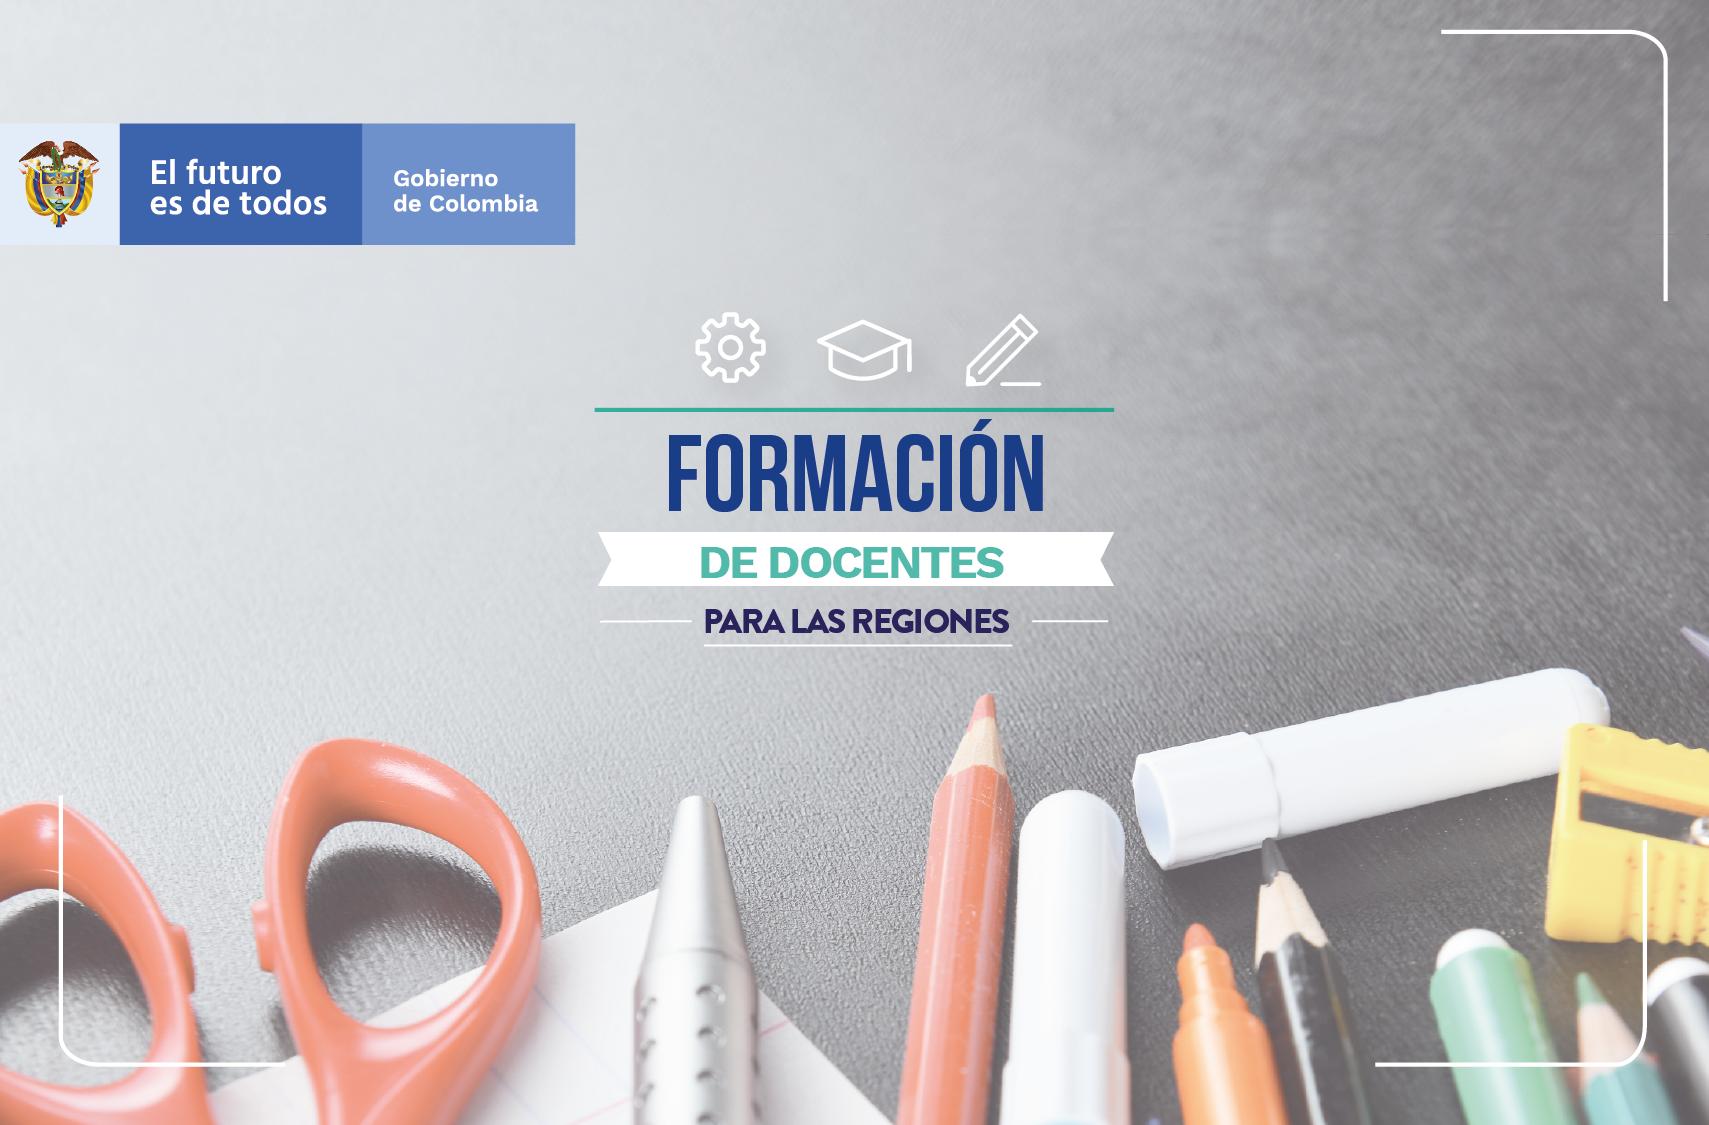 Convocatorias de formación de docentes en Bolívar y Boyacá.